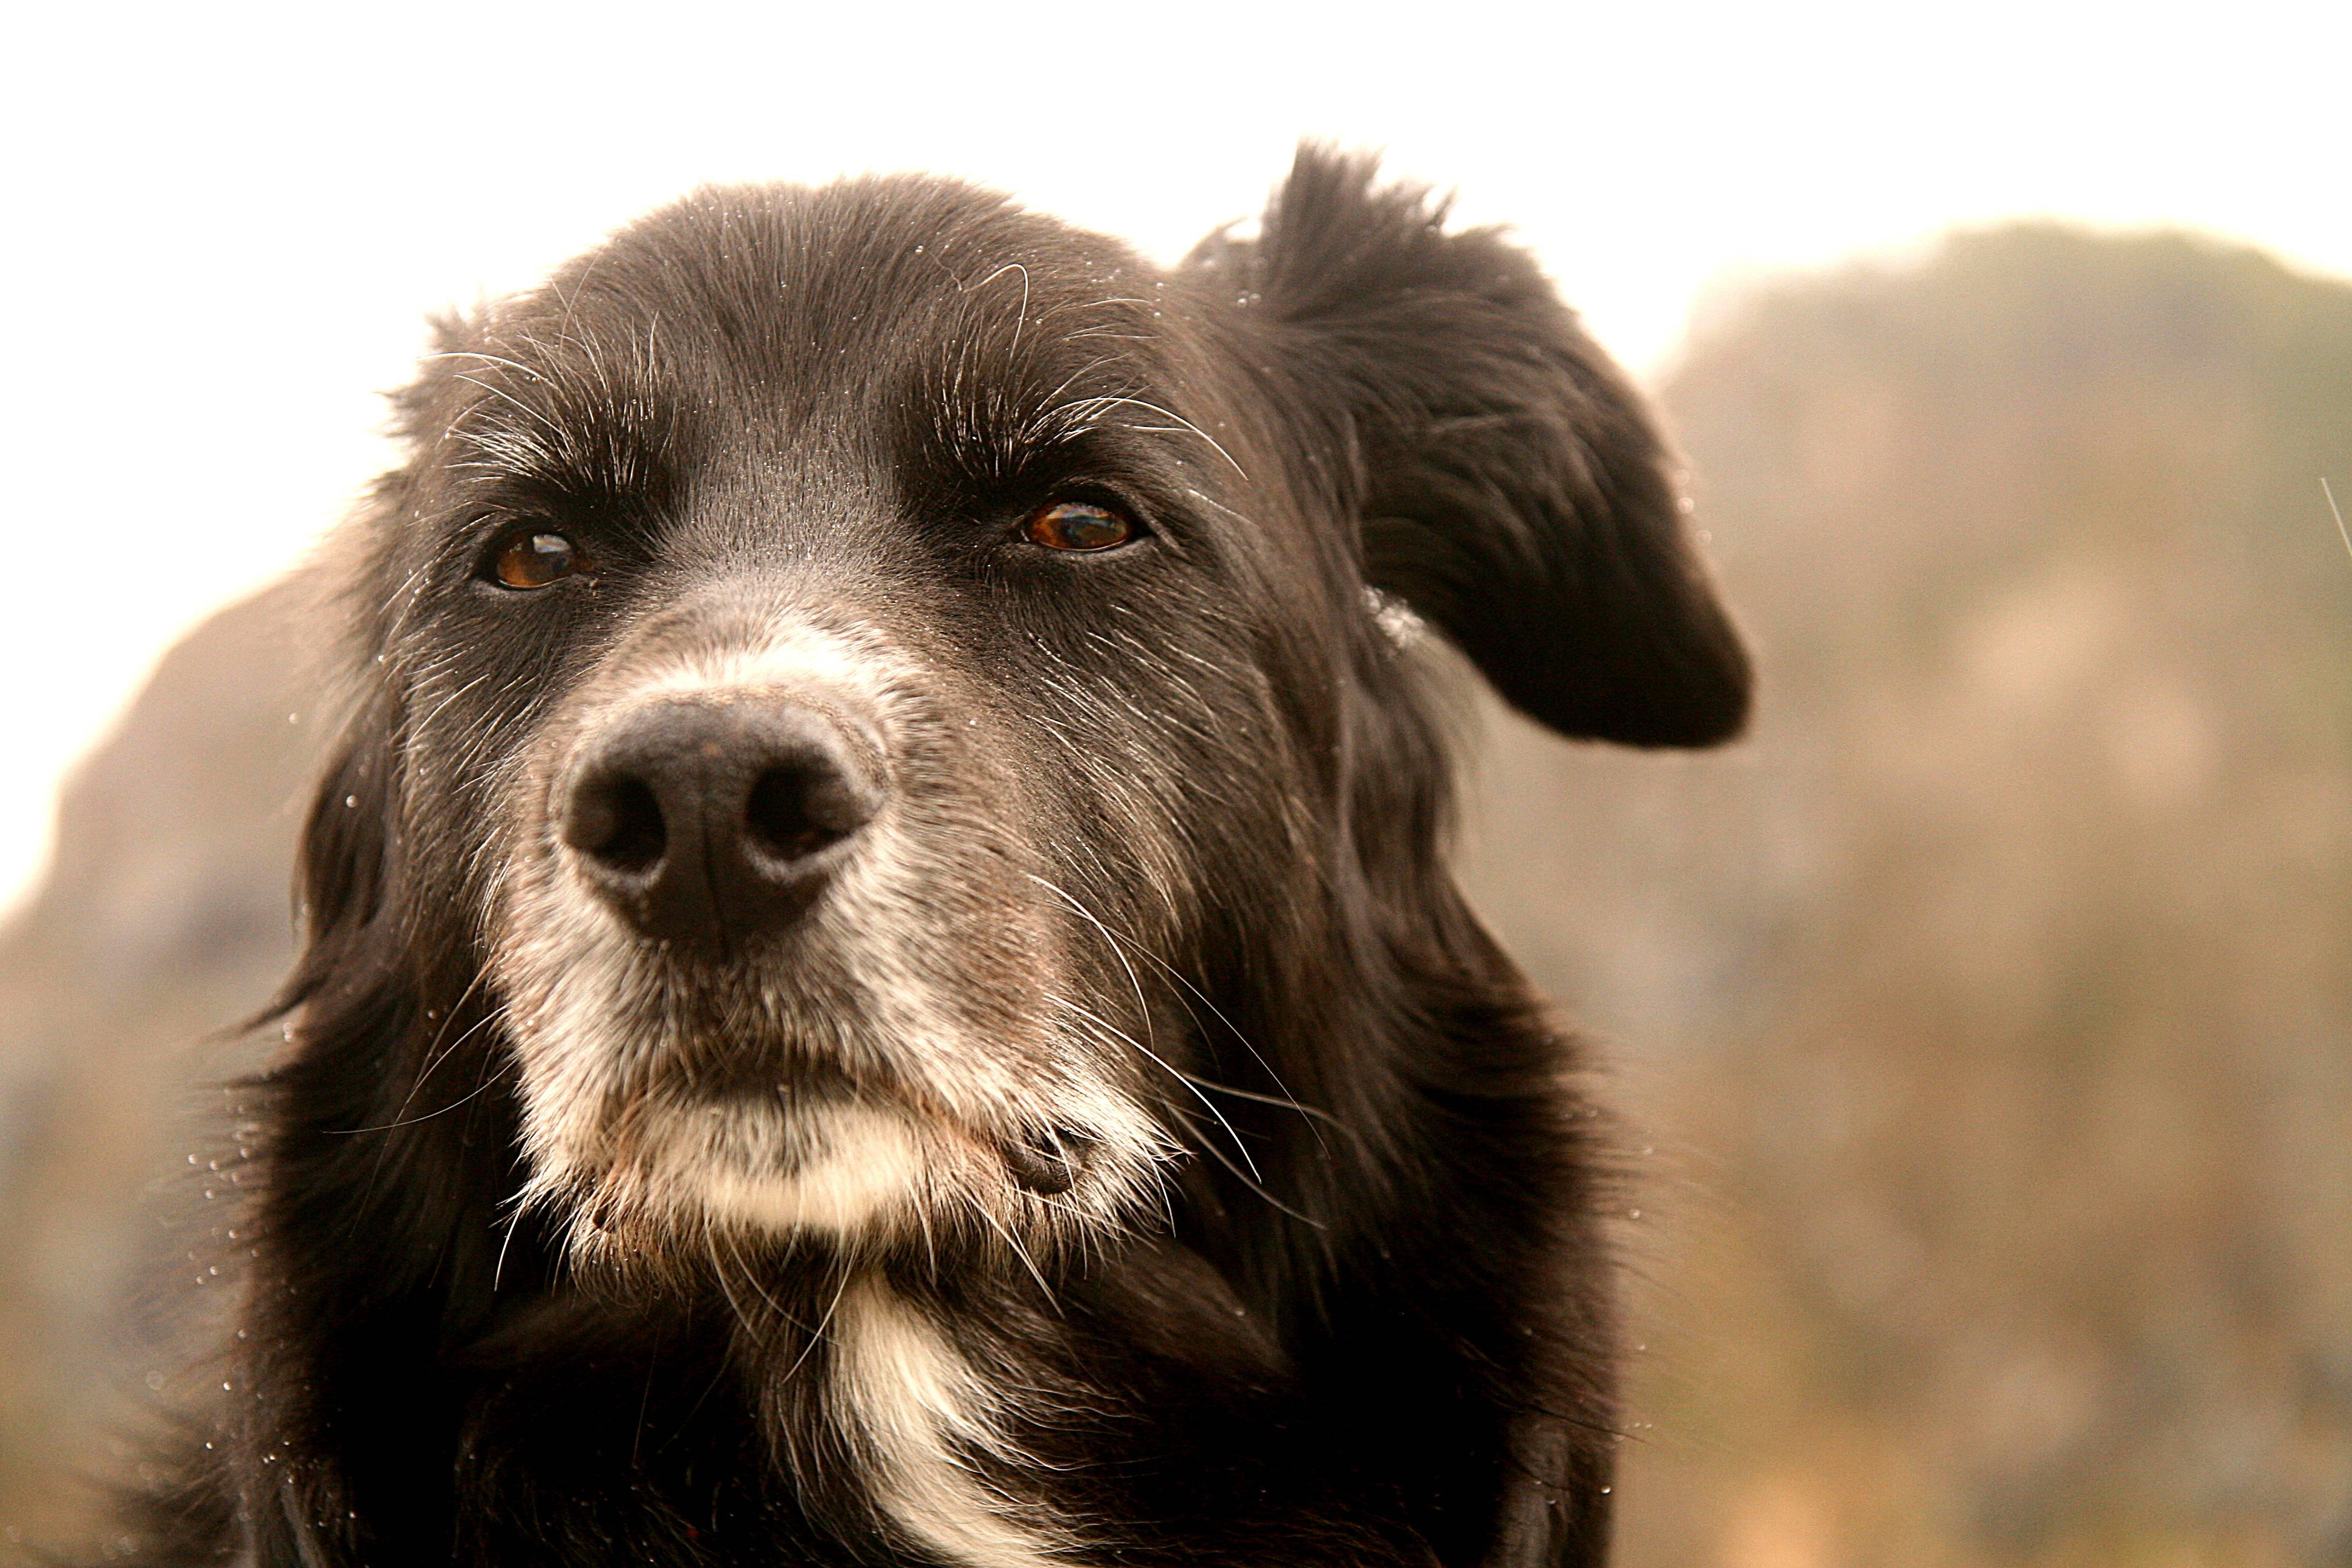 estresse pode causar pelos brancos em cachorros